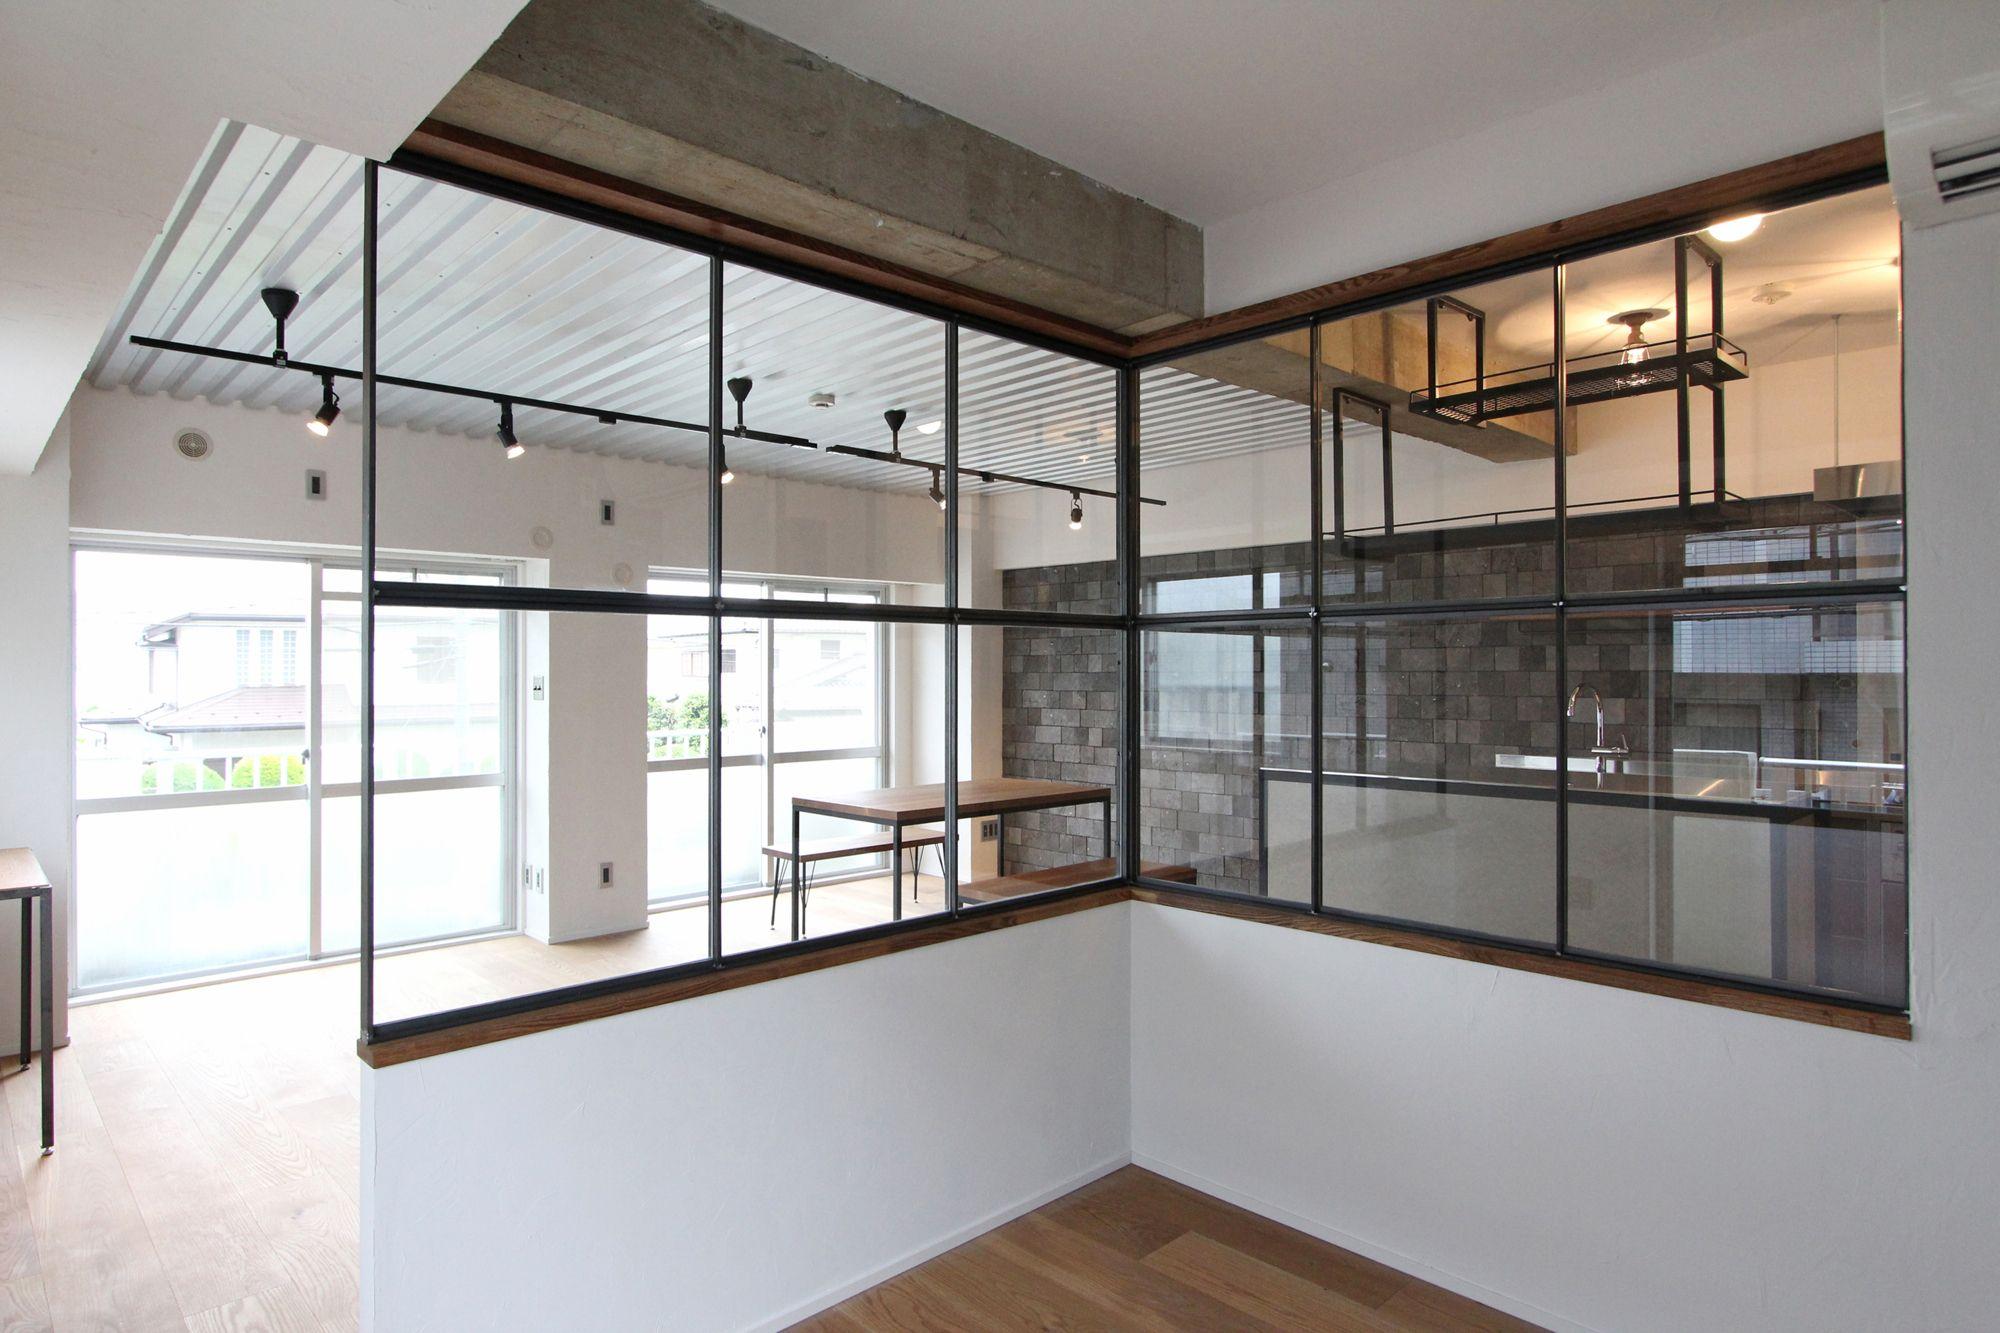 スチール天井 アイアンフレーム窓 溶岩石タイル の三拍子 ホームデコレーション 室内窓 インテリアアイデア